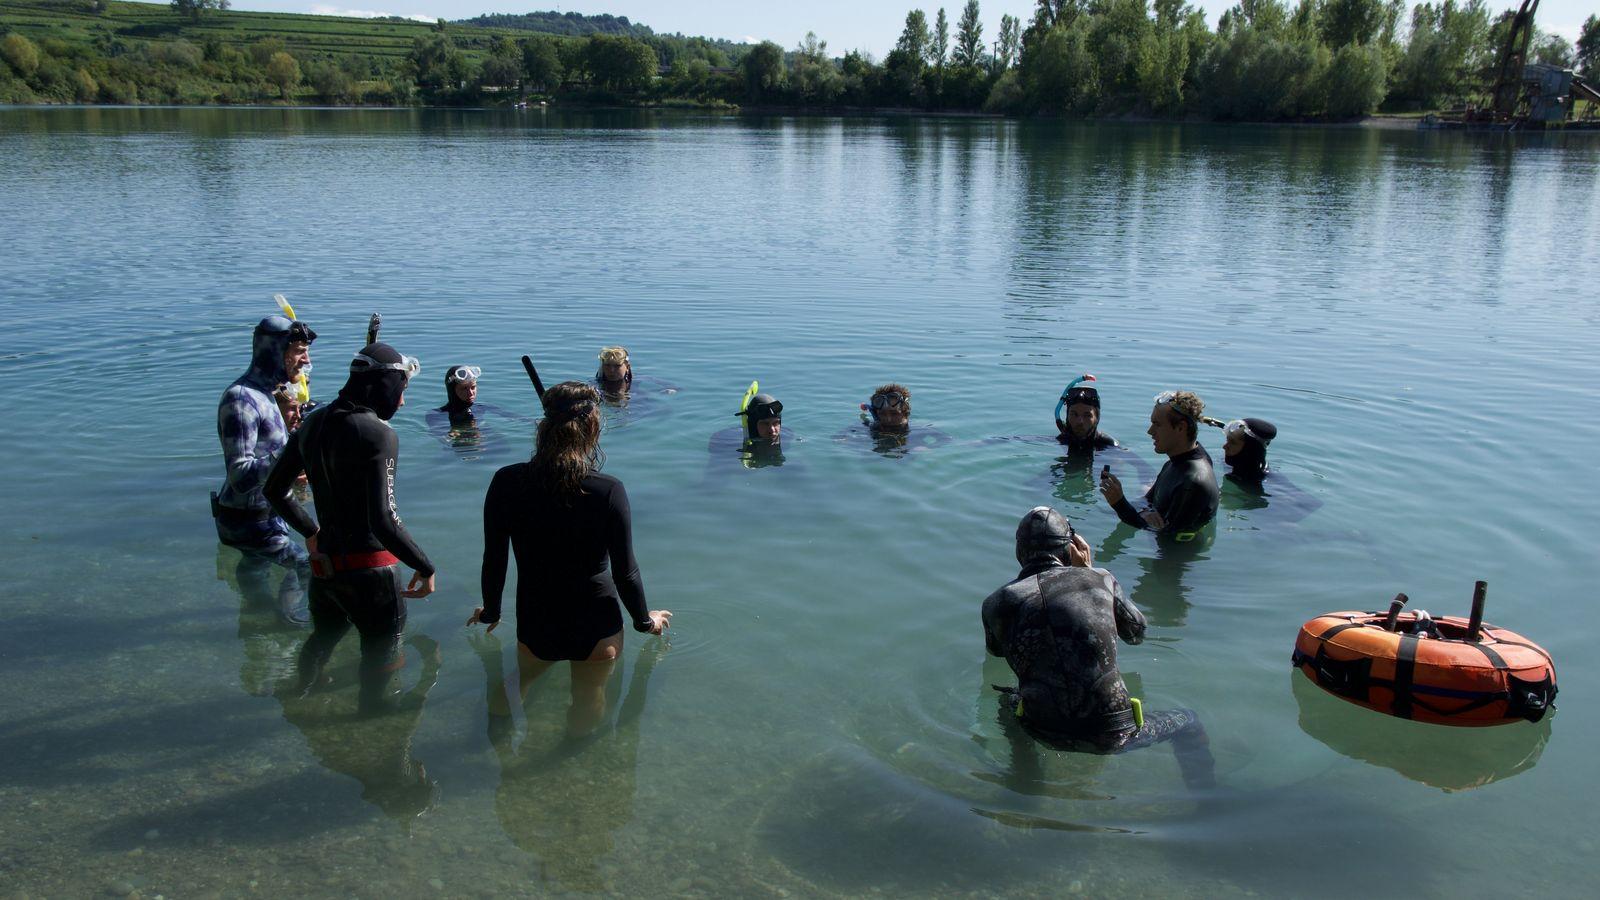 Teilnehmer des Unterwasserwelten Camps beim Freitauch-Lehrgang im Schwarzwälder Apostelsee.